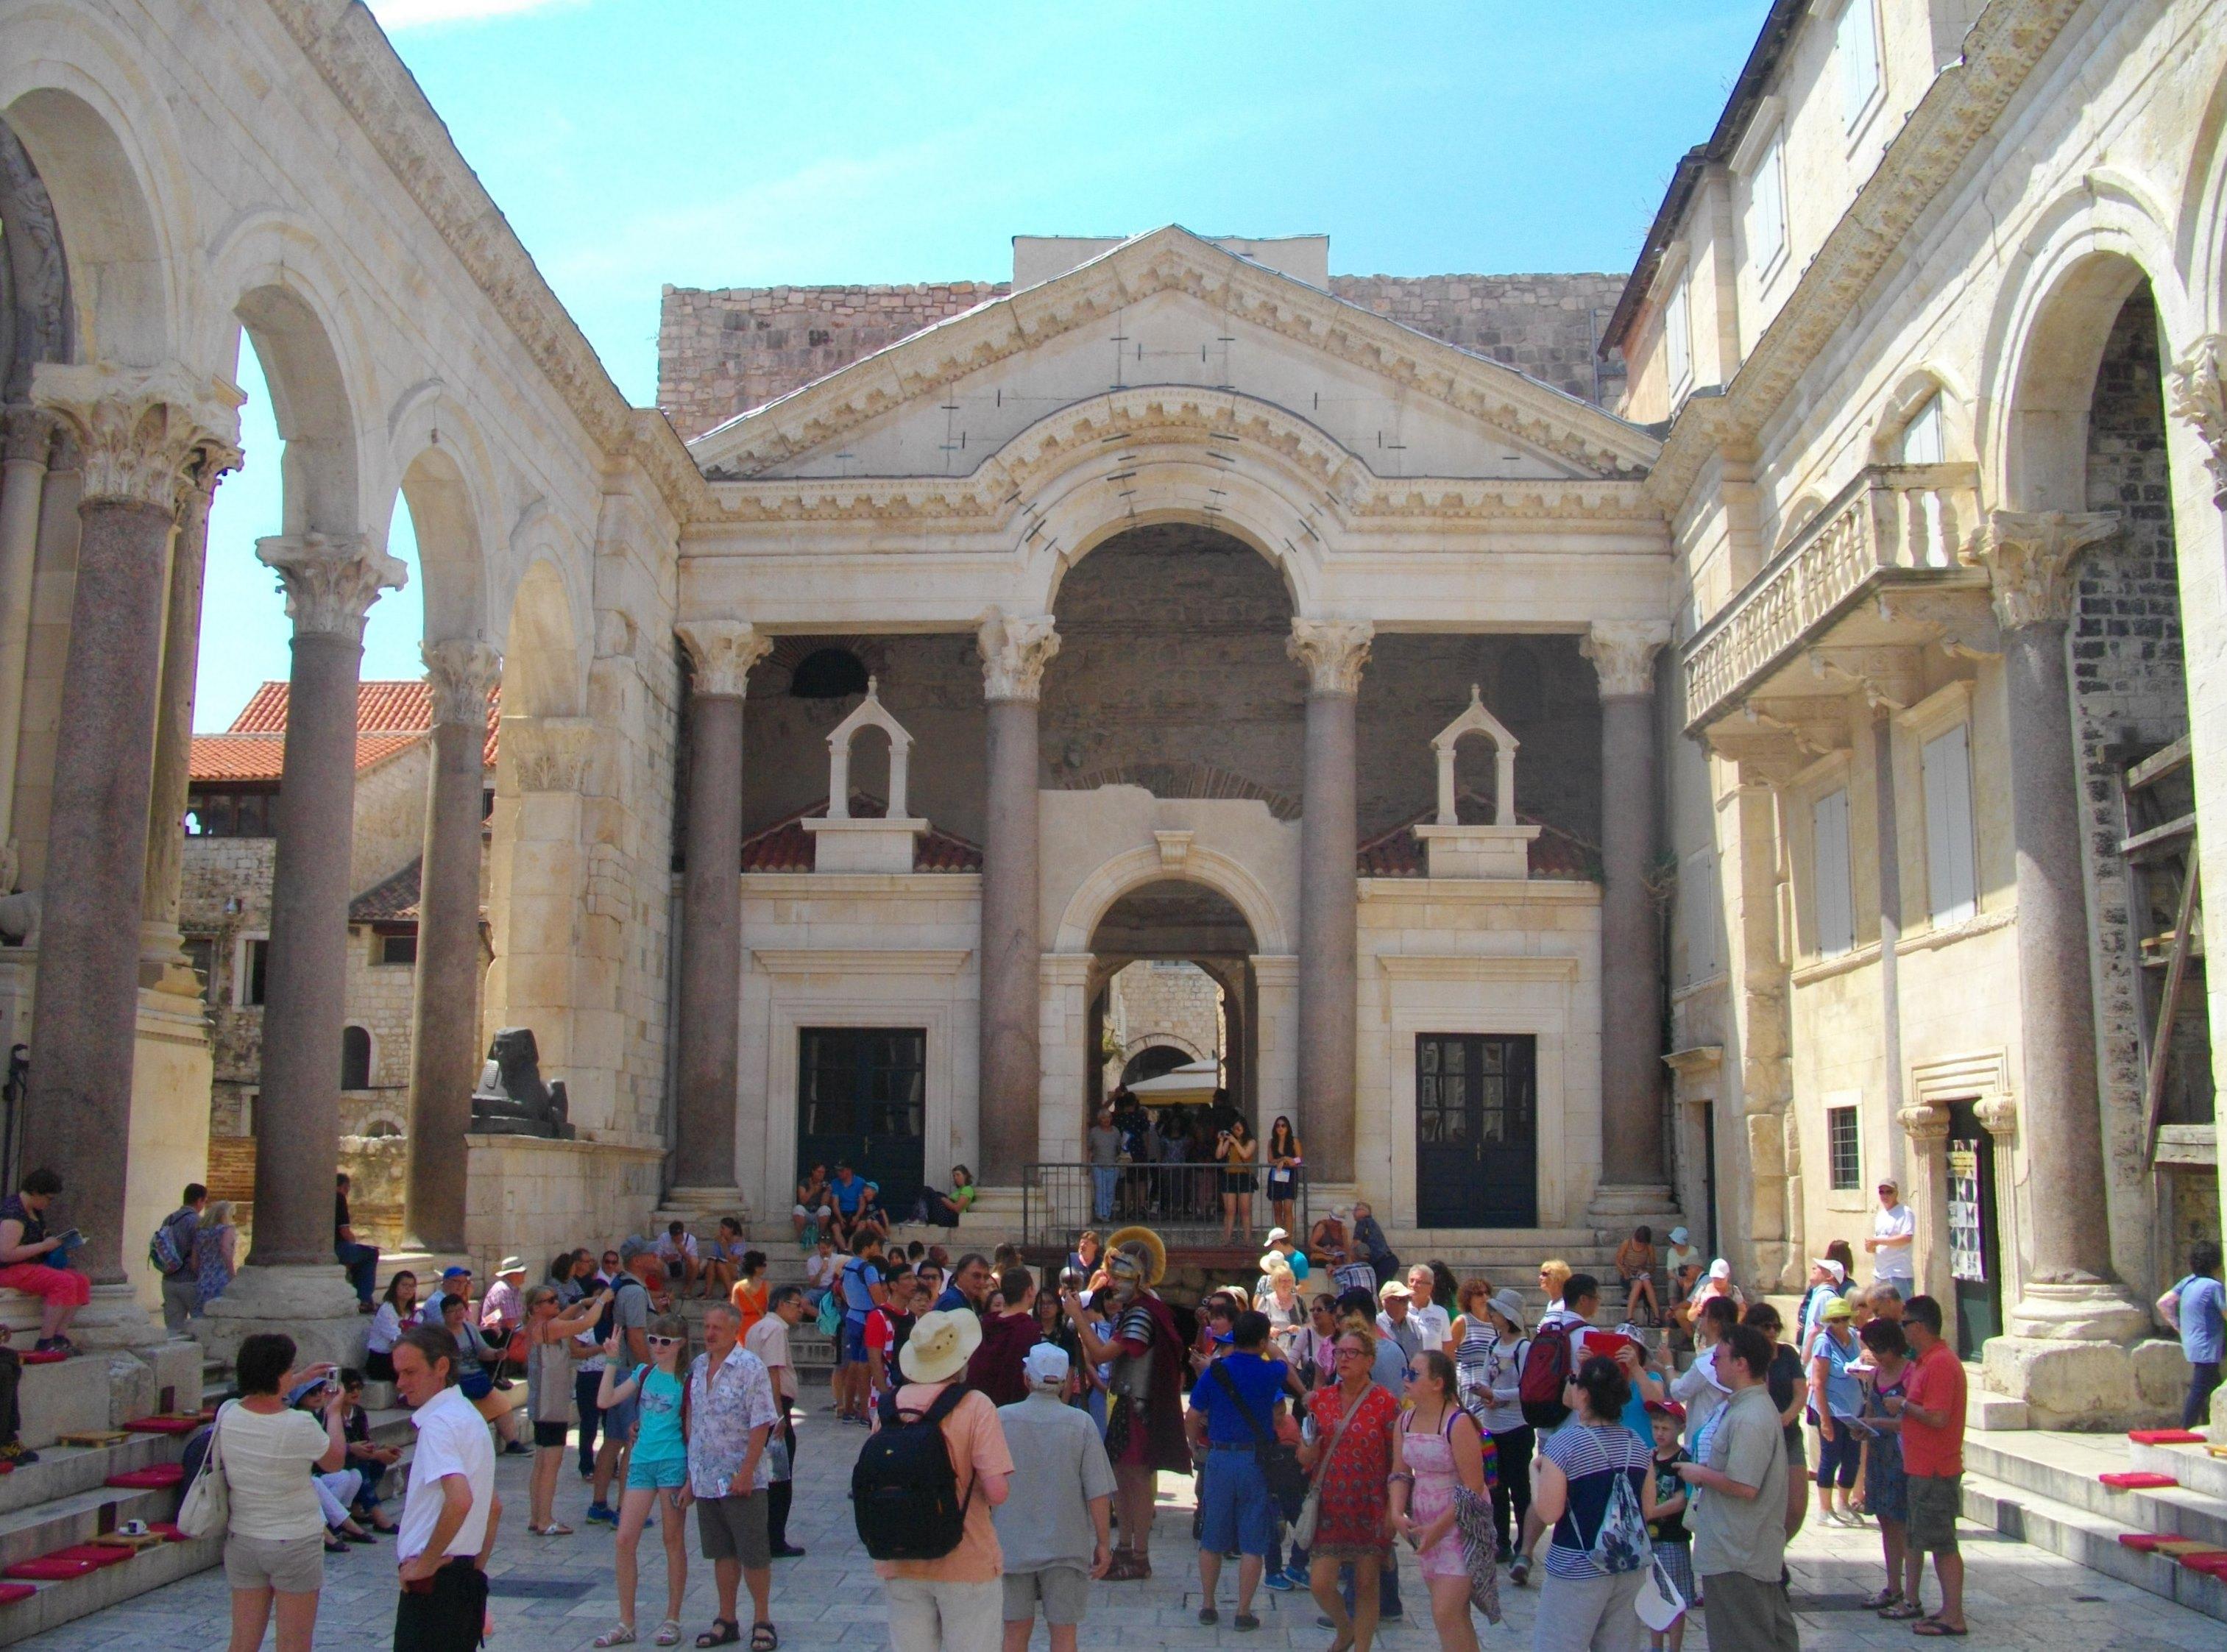 Mein Schiff Sehenswürdigkeit: der antike Säulenhof Peristyl